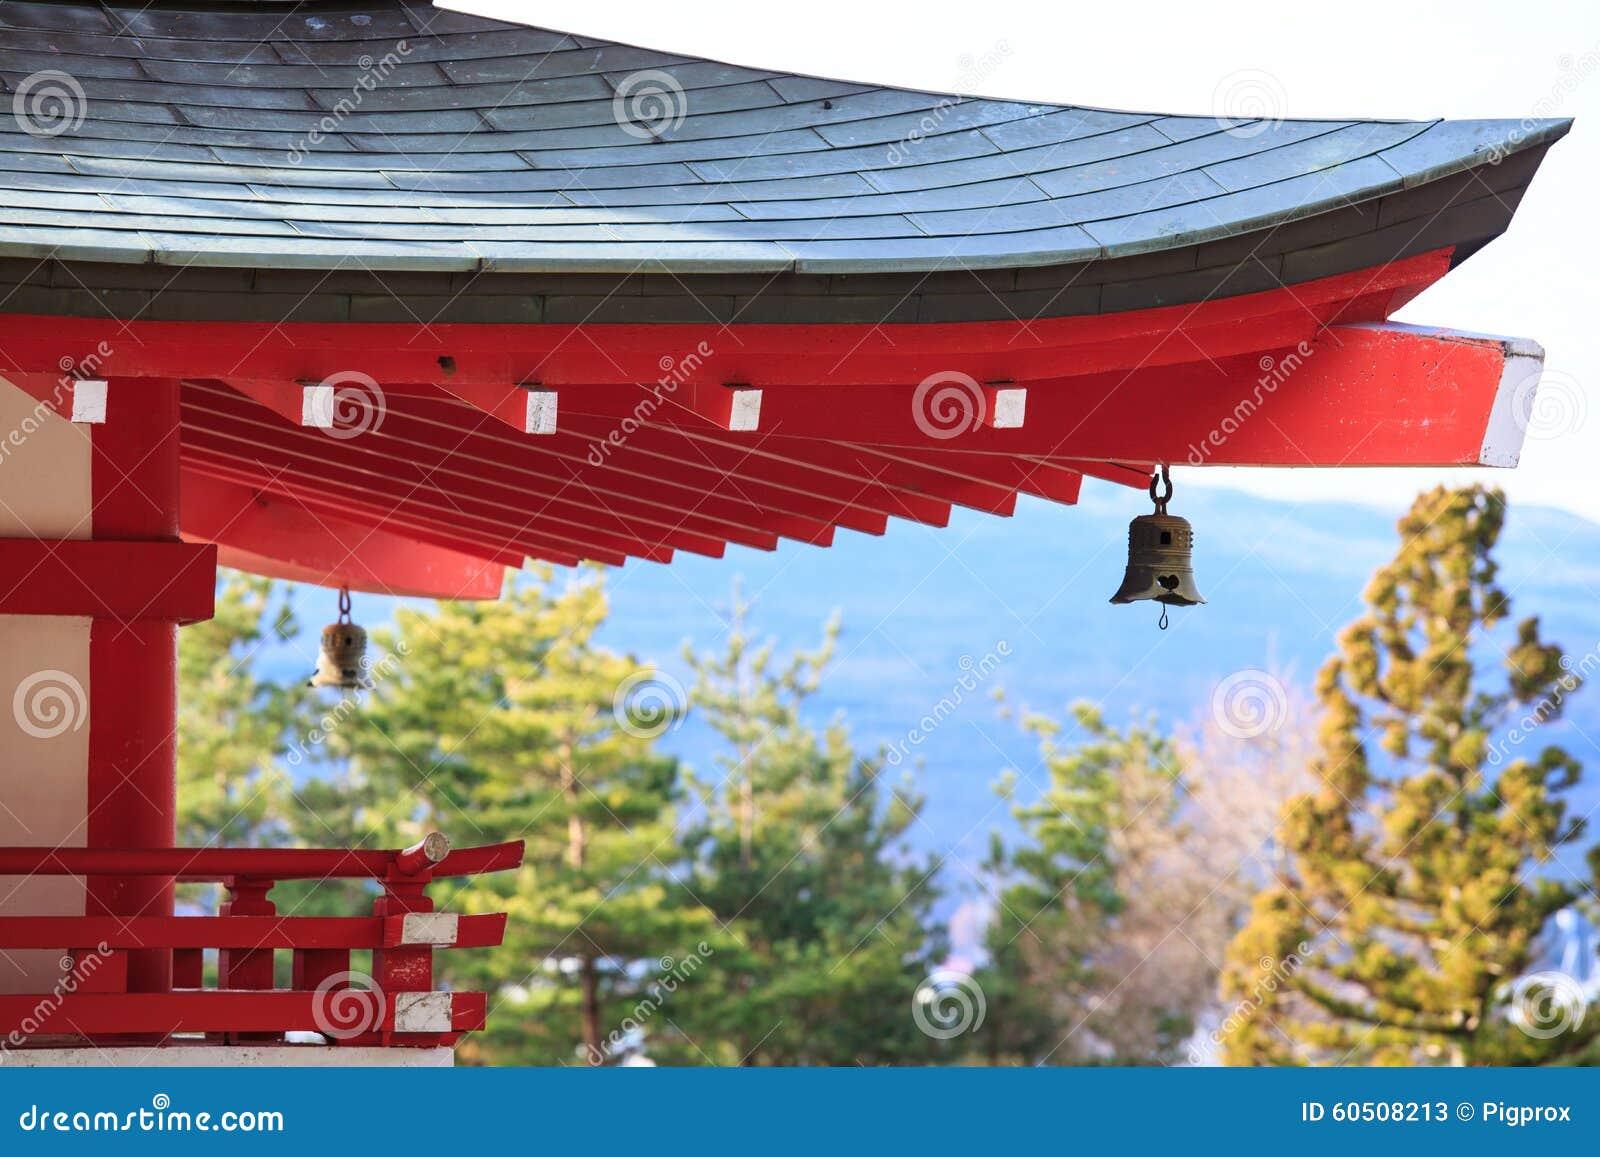 Japanese Pagoda Roof And Landscape From Chureito Pagada At Kawag Stock Image Image Of Wood Kiyomizu 60508213